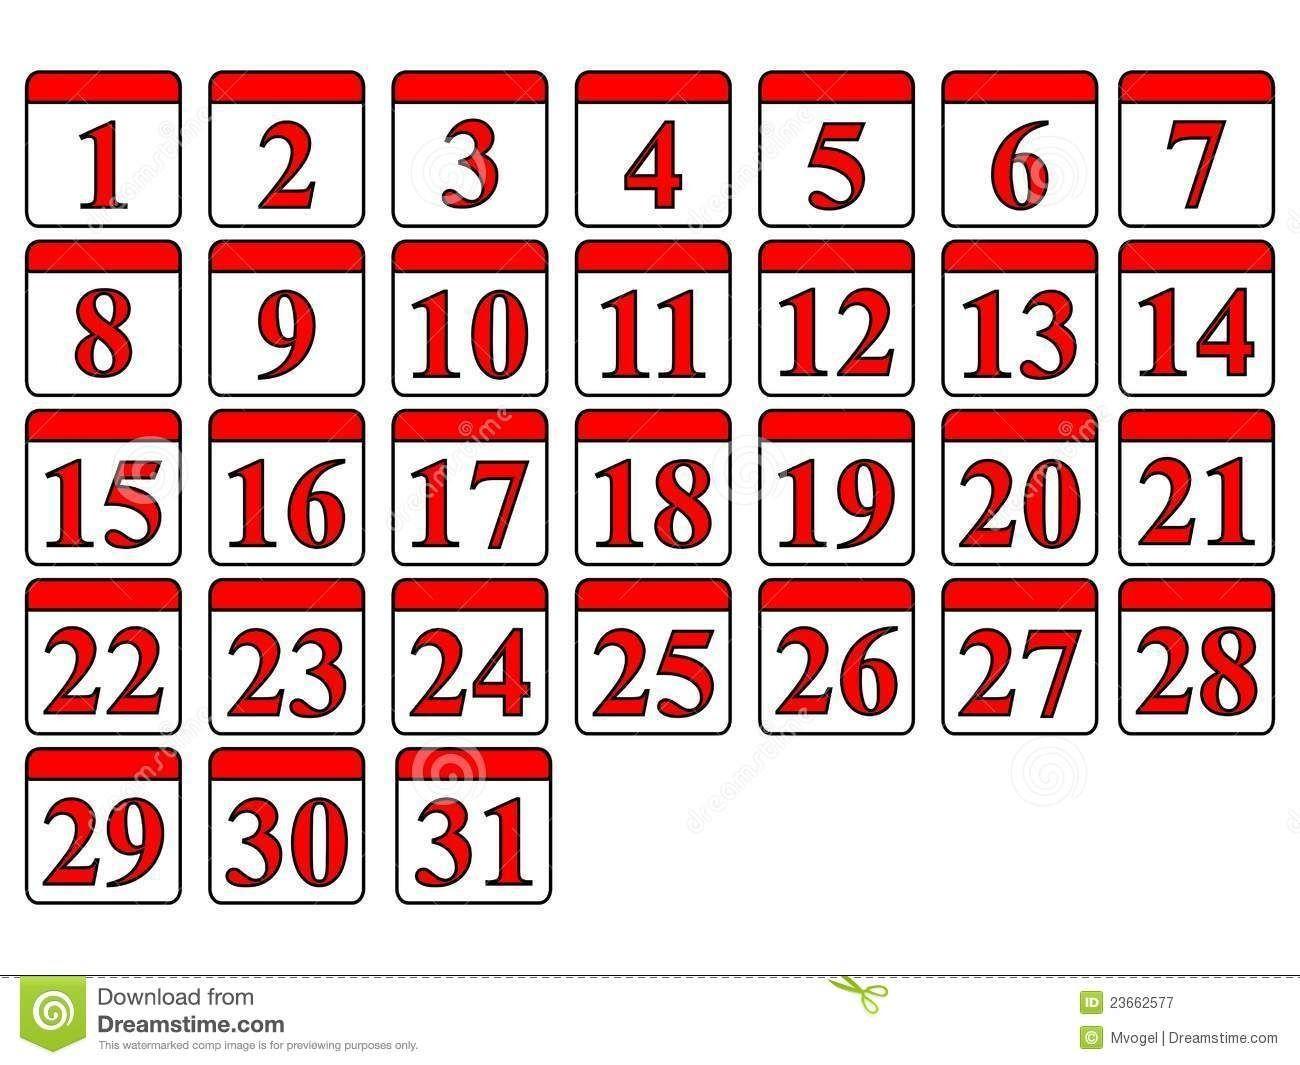 Free Printable Calendar Numbers 131 May In 2020 | Printable in Free Printable Calendar Numbers